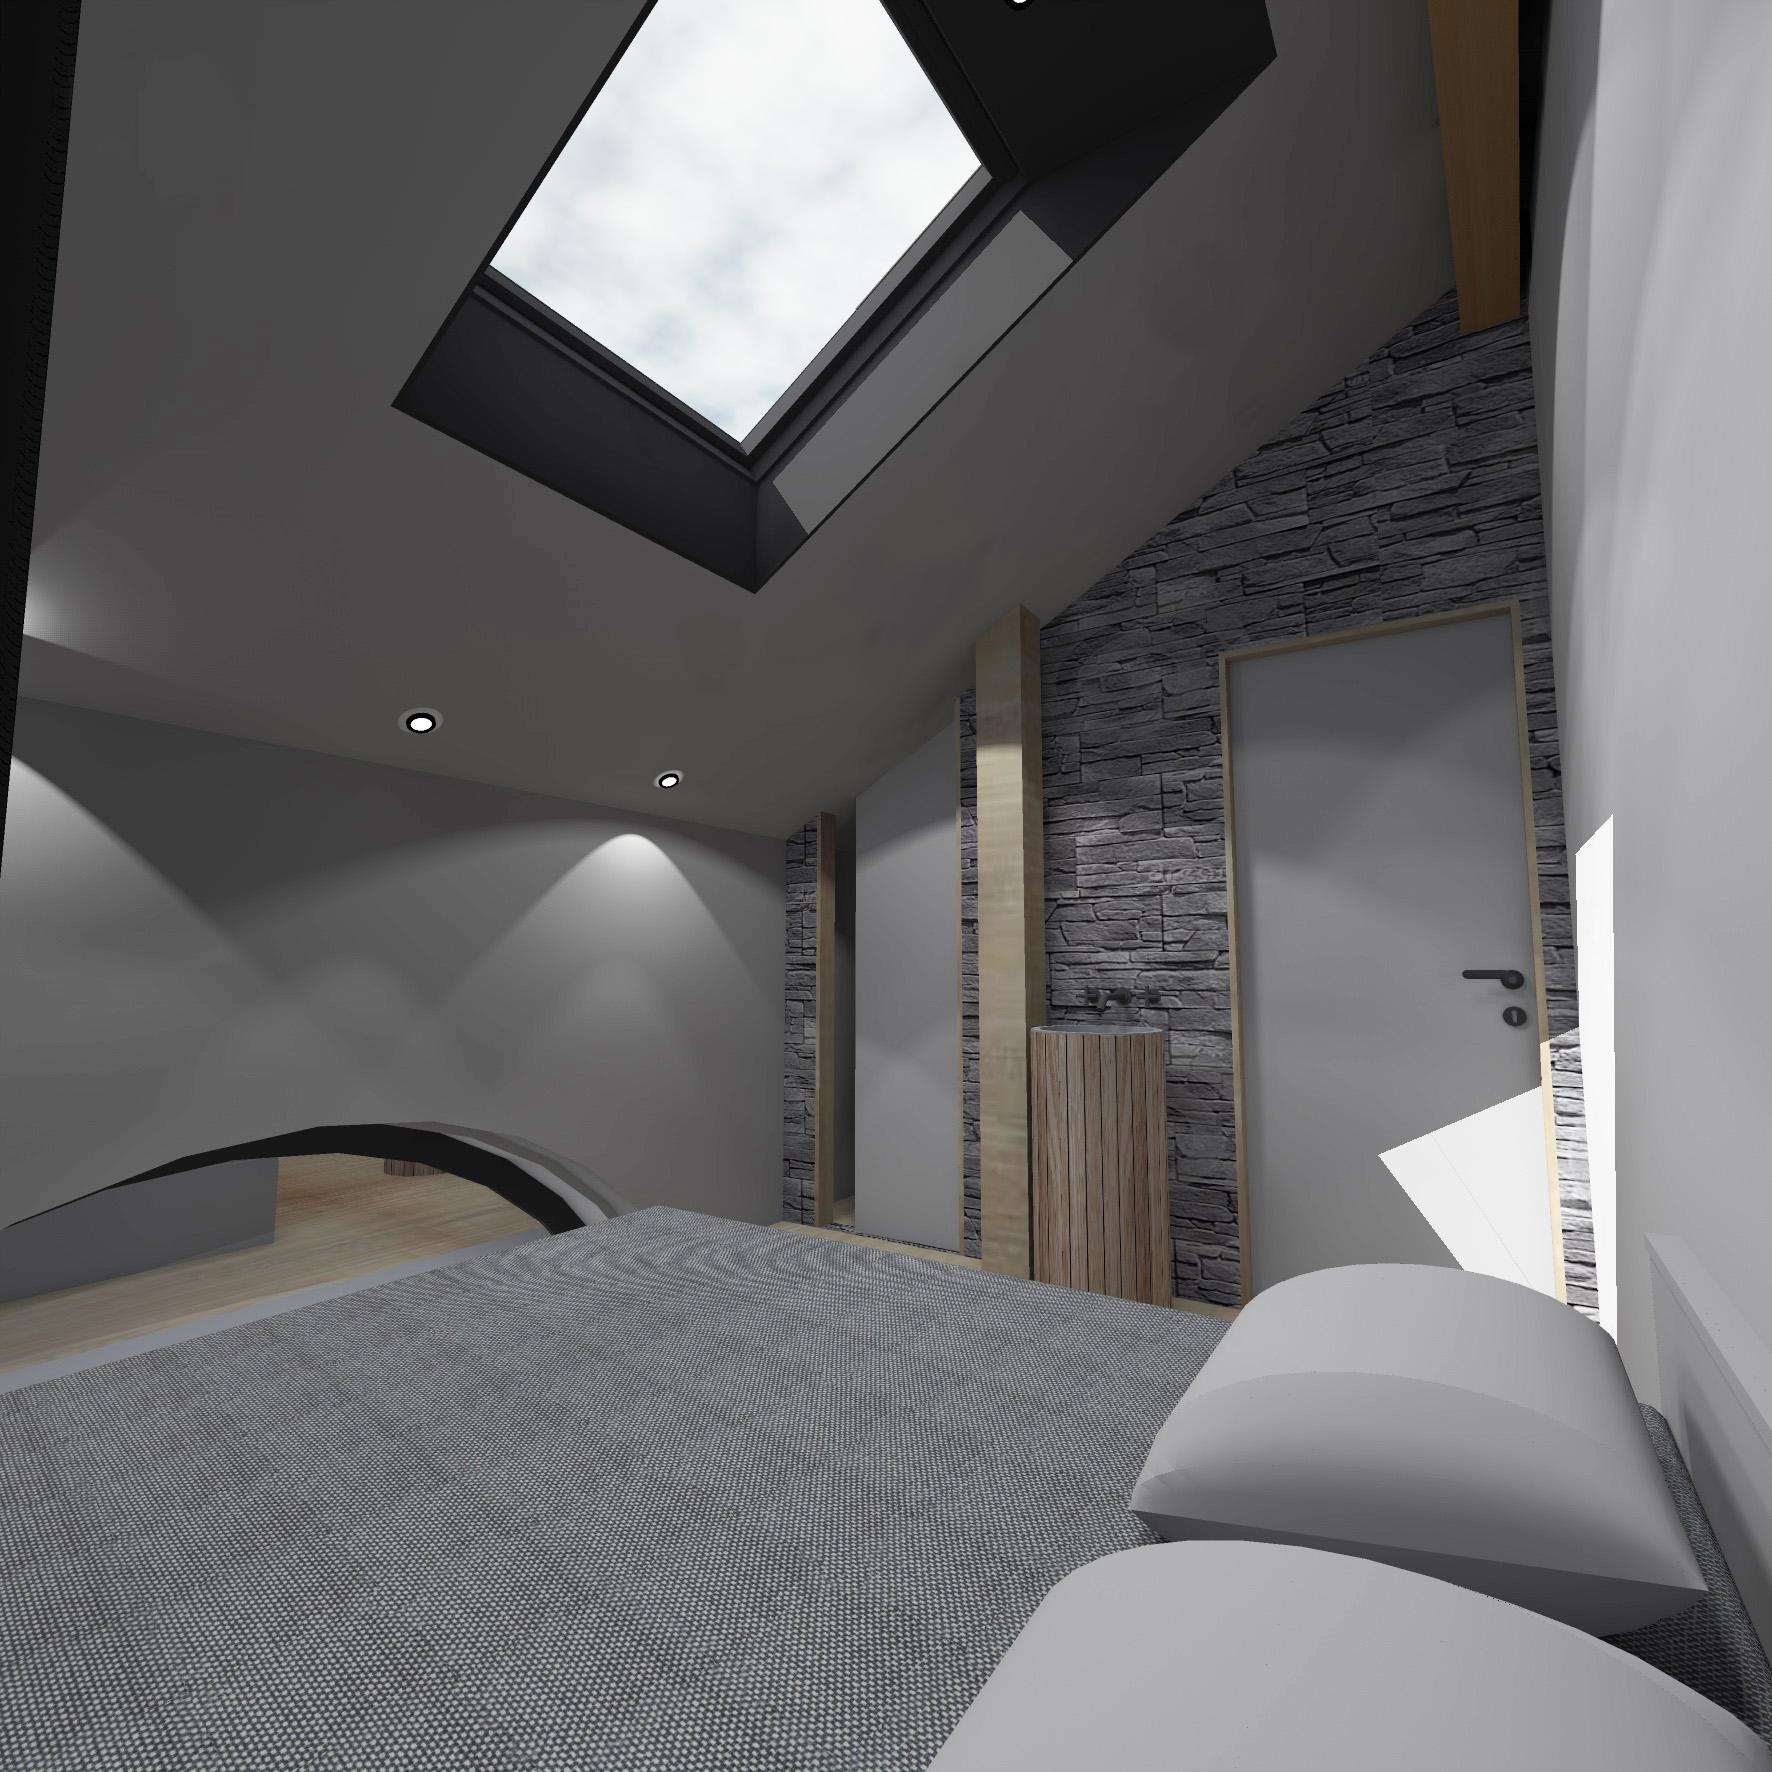 Een voorbeeld van een van de kamers (MaineMa Architecten)